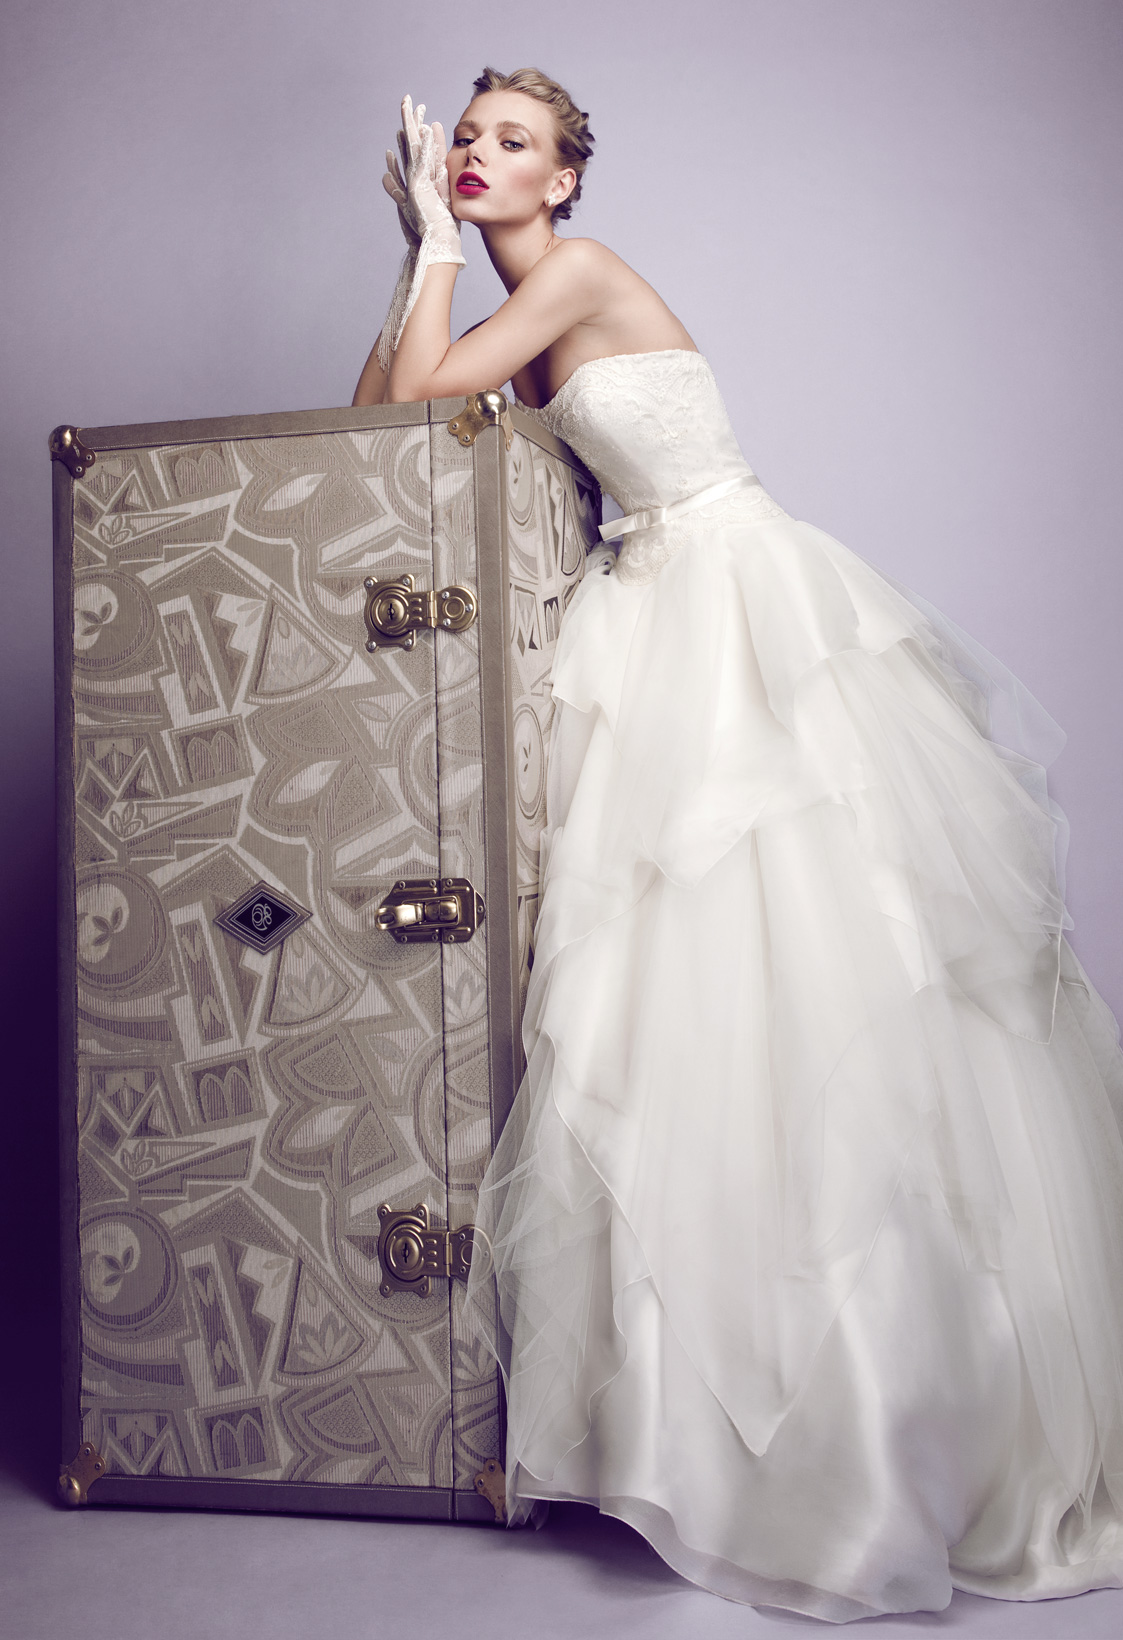 low priced 877bb 25ef6 Elvira Gramano, gli abiti da sposa sospesi tra sogno e ...